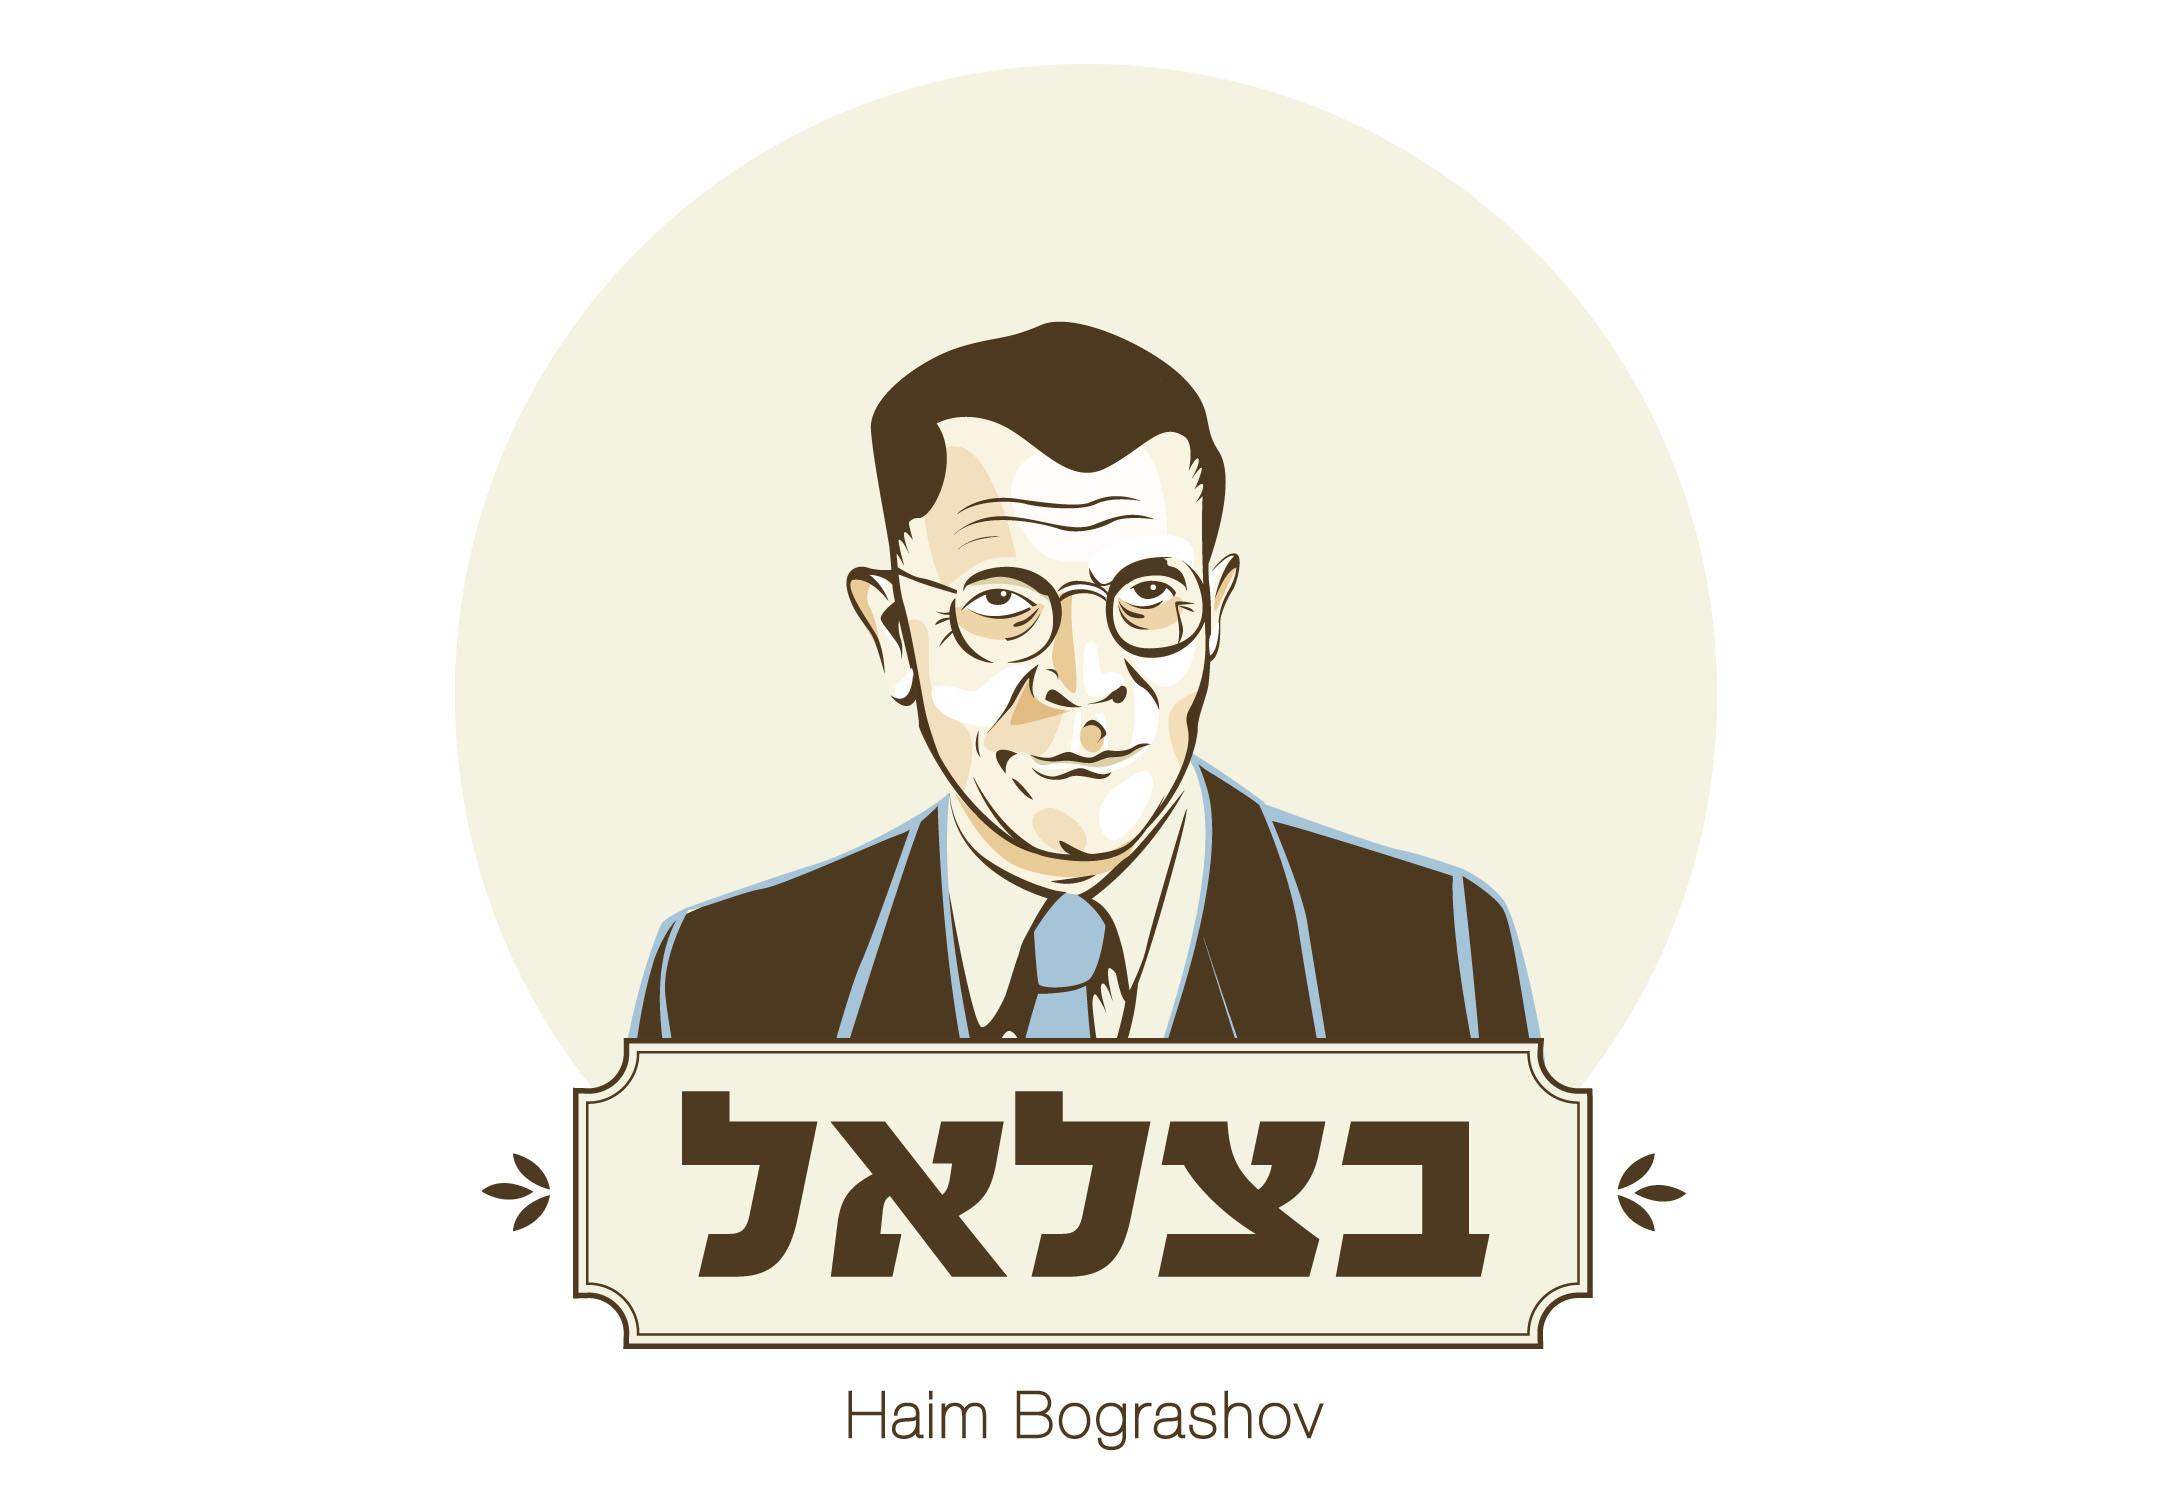 bezalel_bograshov.jpg